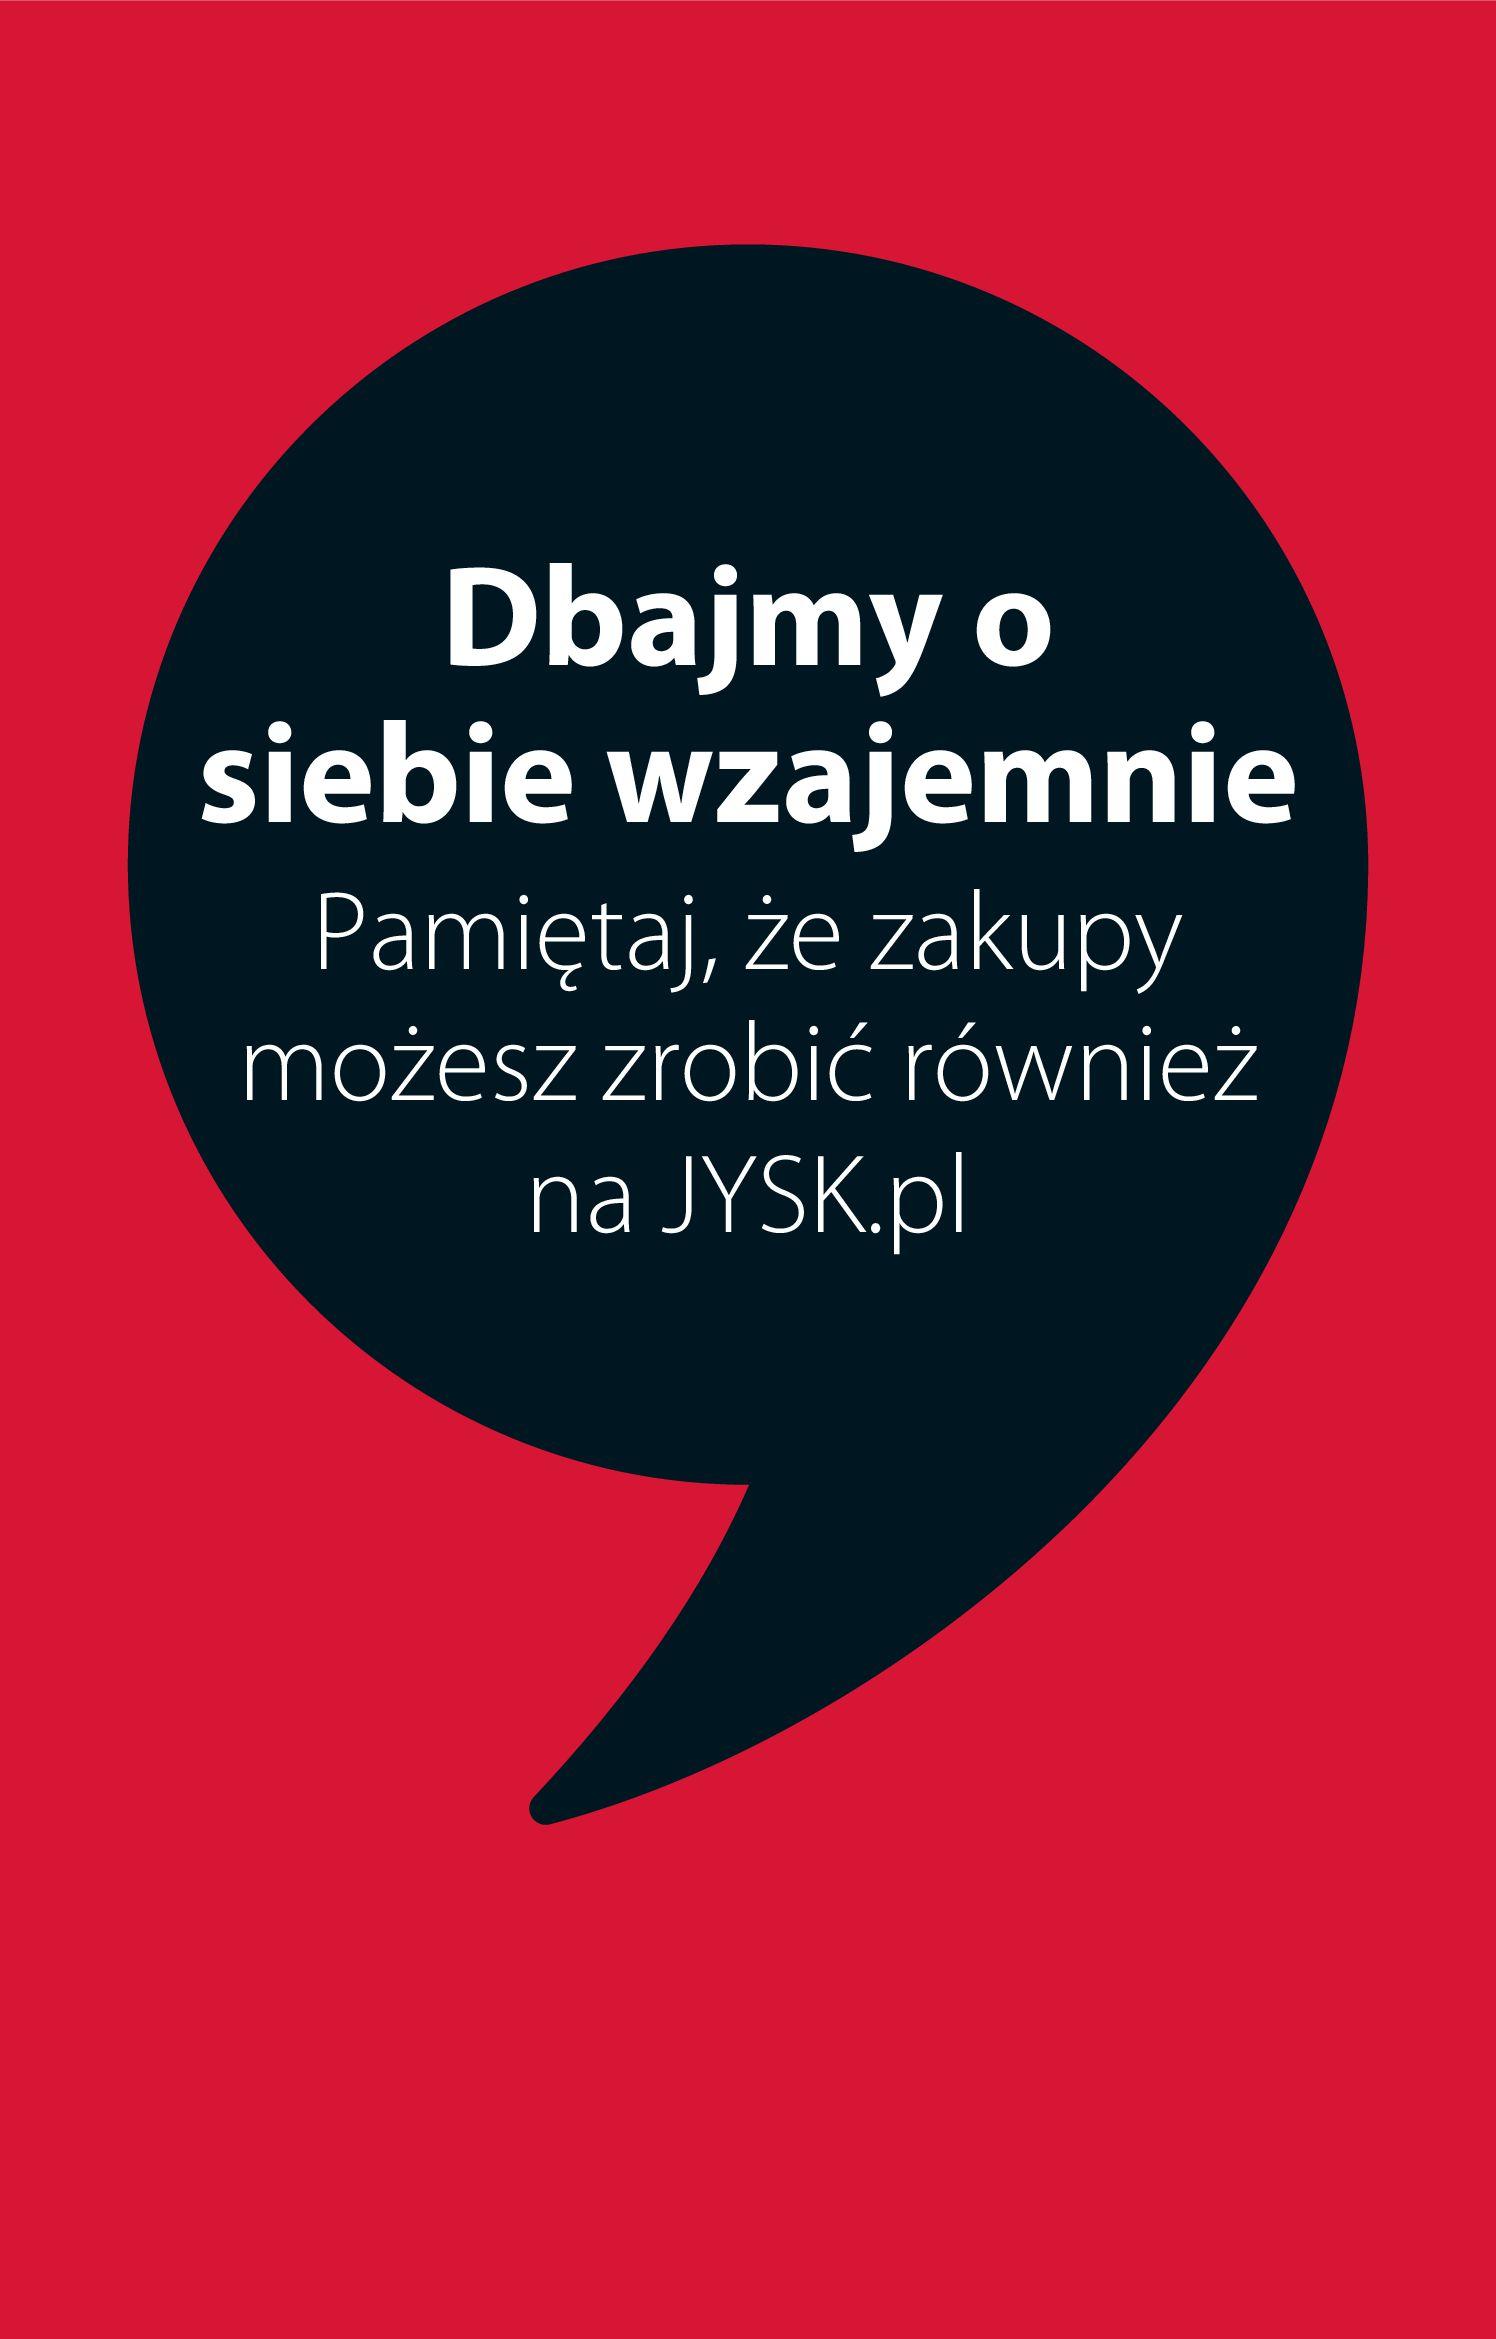 Gazetka Jysk: Gazetka Jysk 2021-07-21 page-1